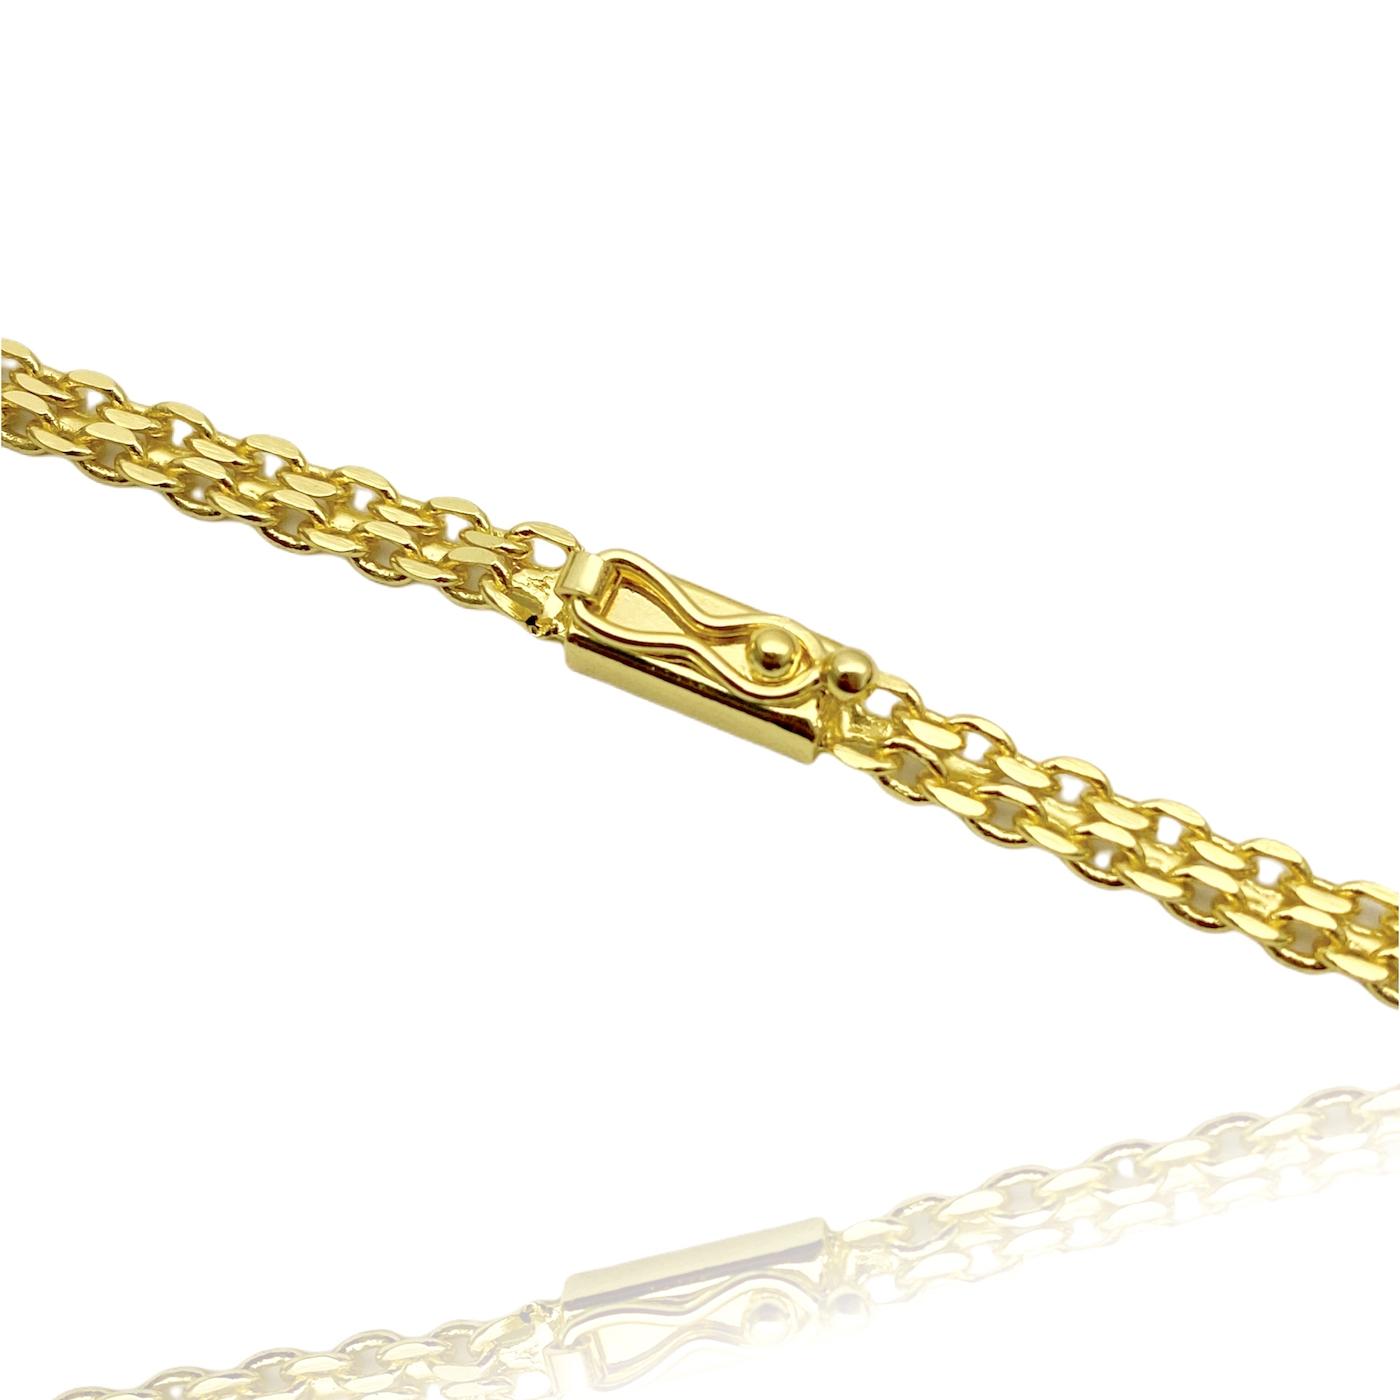 Corrente Cadeado Duplo 3,5mm 60cm (13g) (Fecho Gaveta) (Banho Ouro 24k)